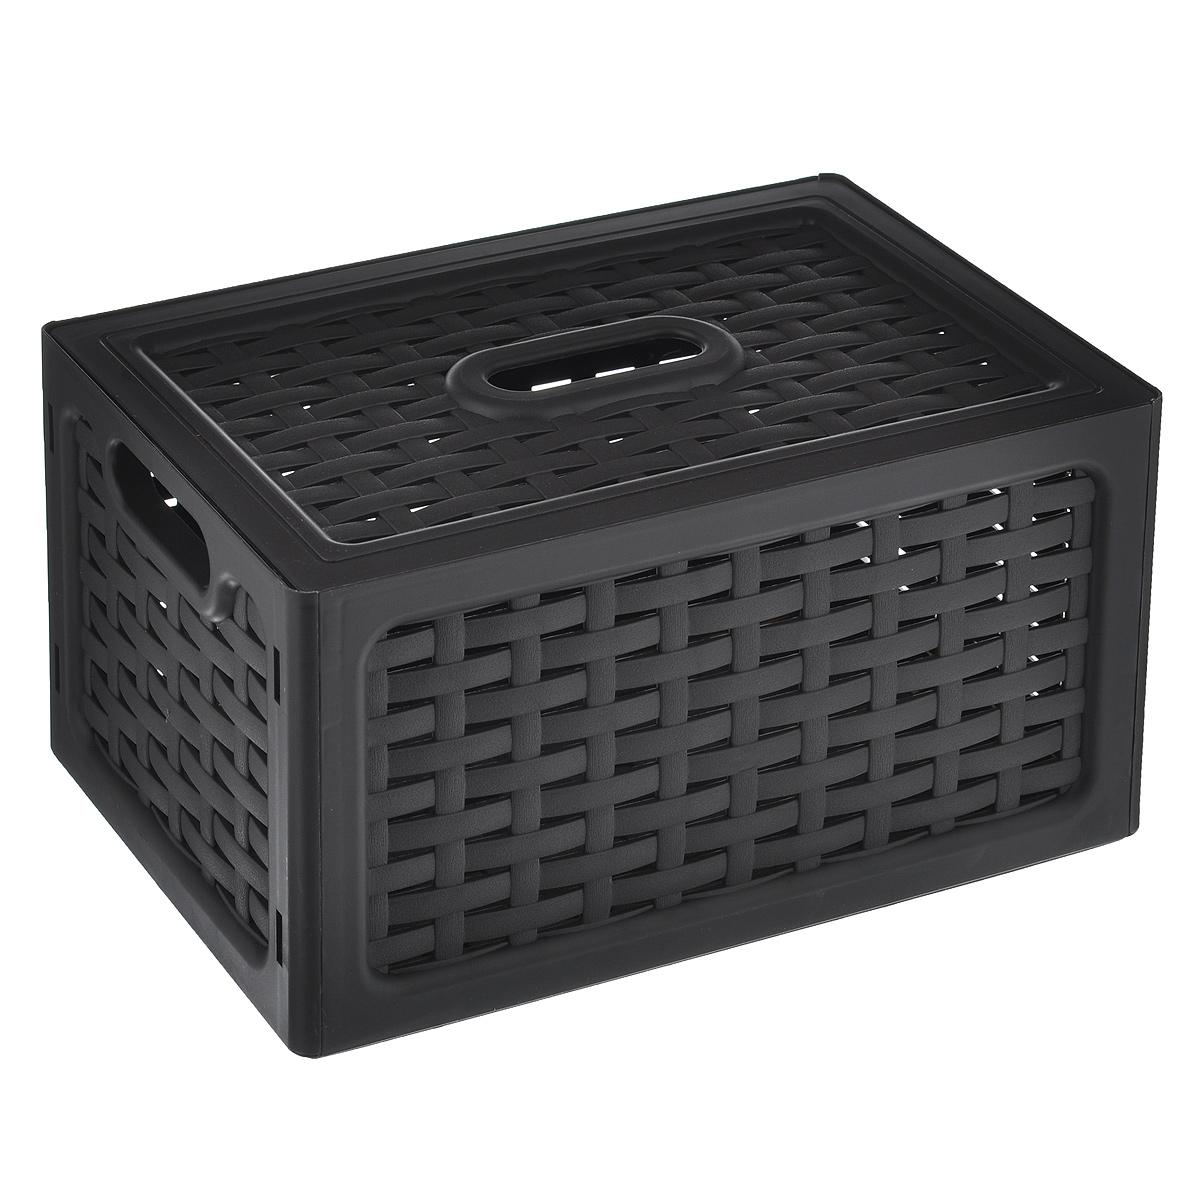 Ящик универсальный Idea Ротанг, с крышкой, цвет: темно-коричневый, 28 х 18,5 х 14,5 смМ 2372Универсальный ящик Idea Ротанг выполнен из пищевого пластика и предназначен для хранения различных предметов. Ящик оснащен удобной крышкой и двумя ручками. Элегантный выдержанный дизайн позволяет органично вписаться в ваш интерьер и стать его элементом.